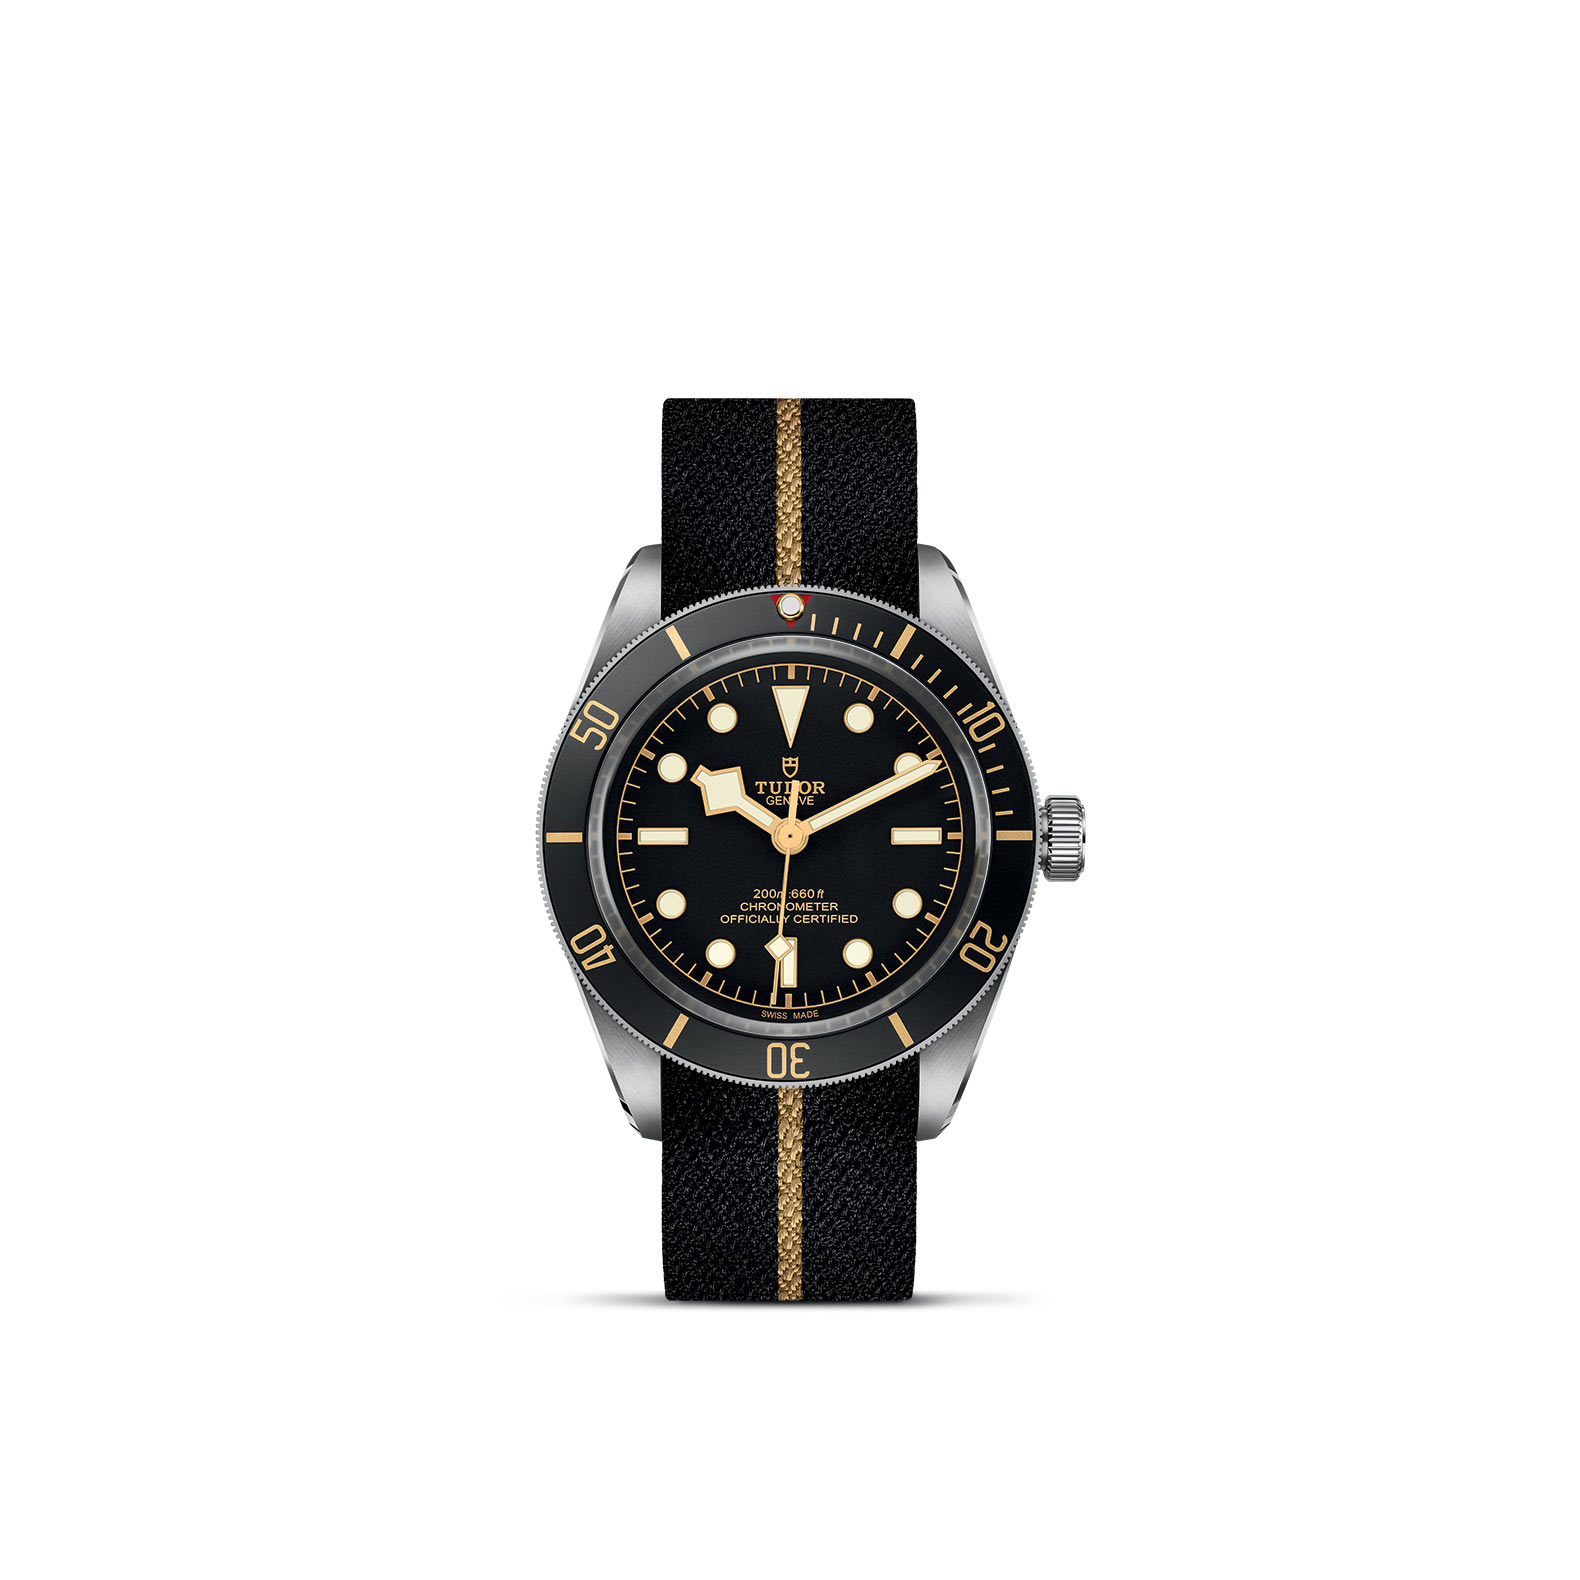 Tudor Black Bay Fifty-Eight M79030N-0003